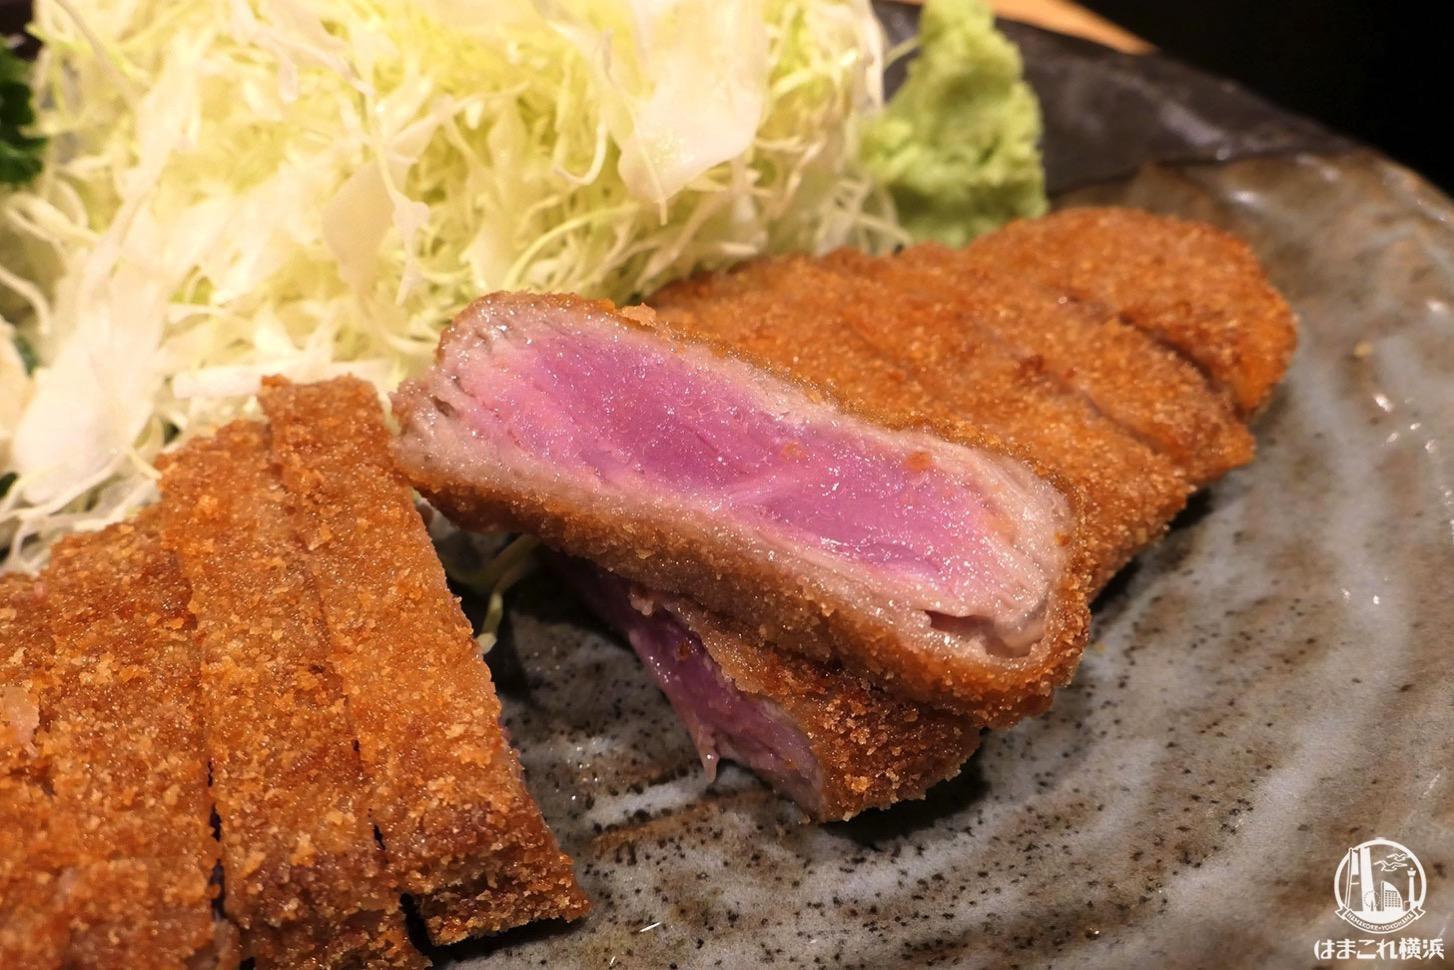 牛かつ もと村 横浜ジョイナスでランチ、石で炙って食べる牛かつ柔らかくて激うま!